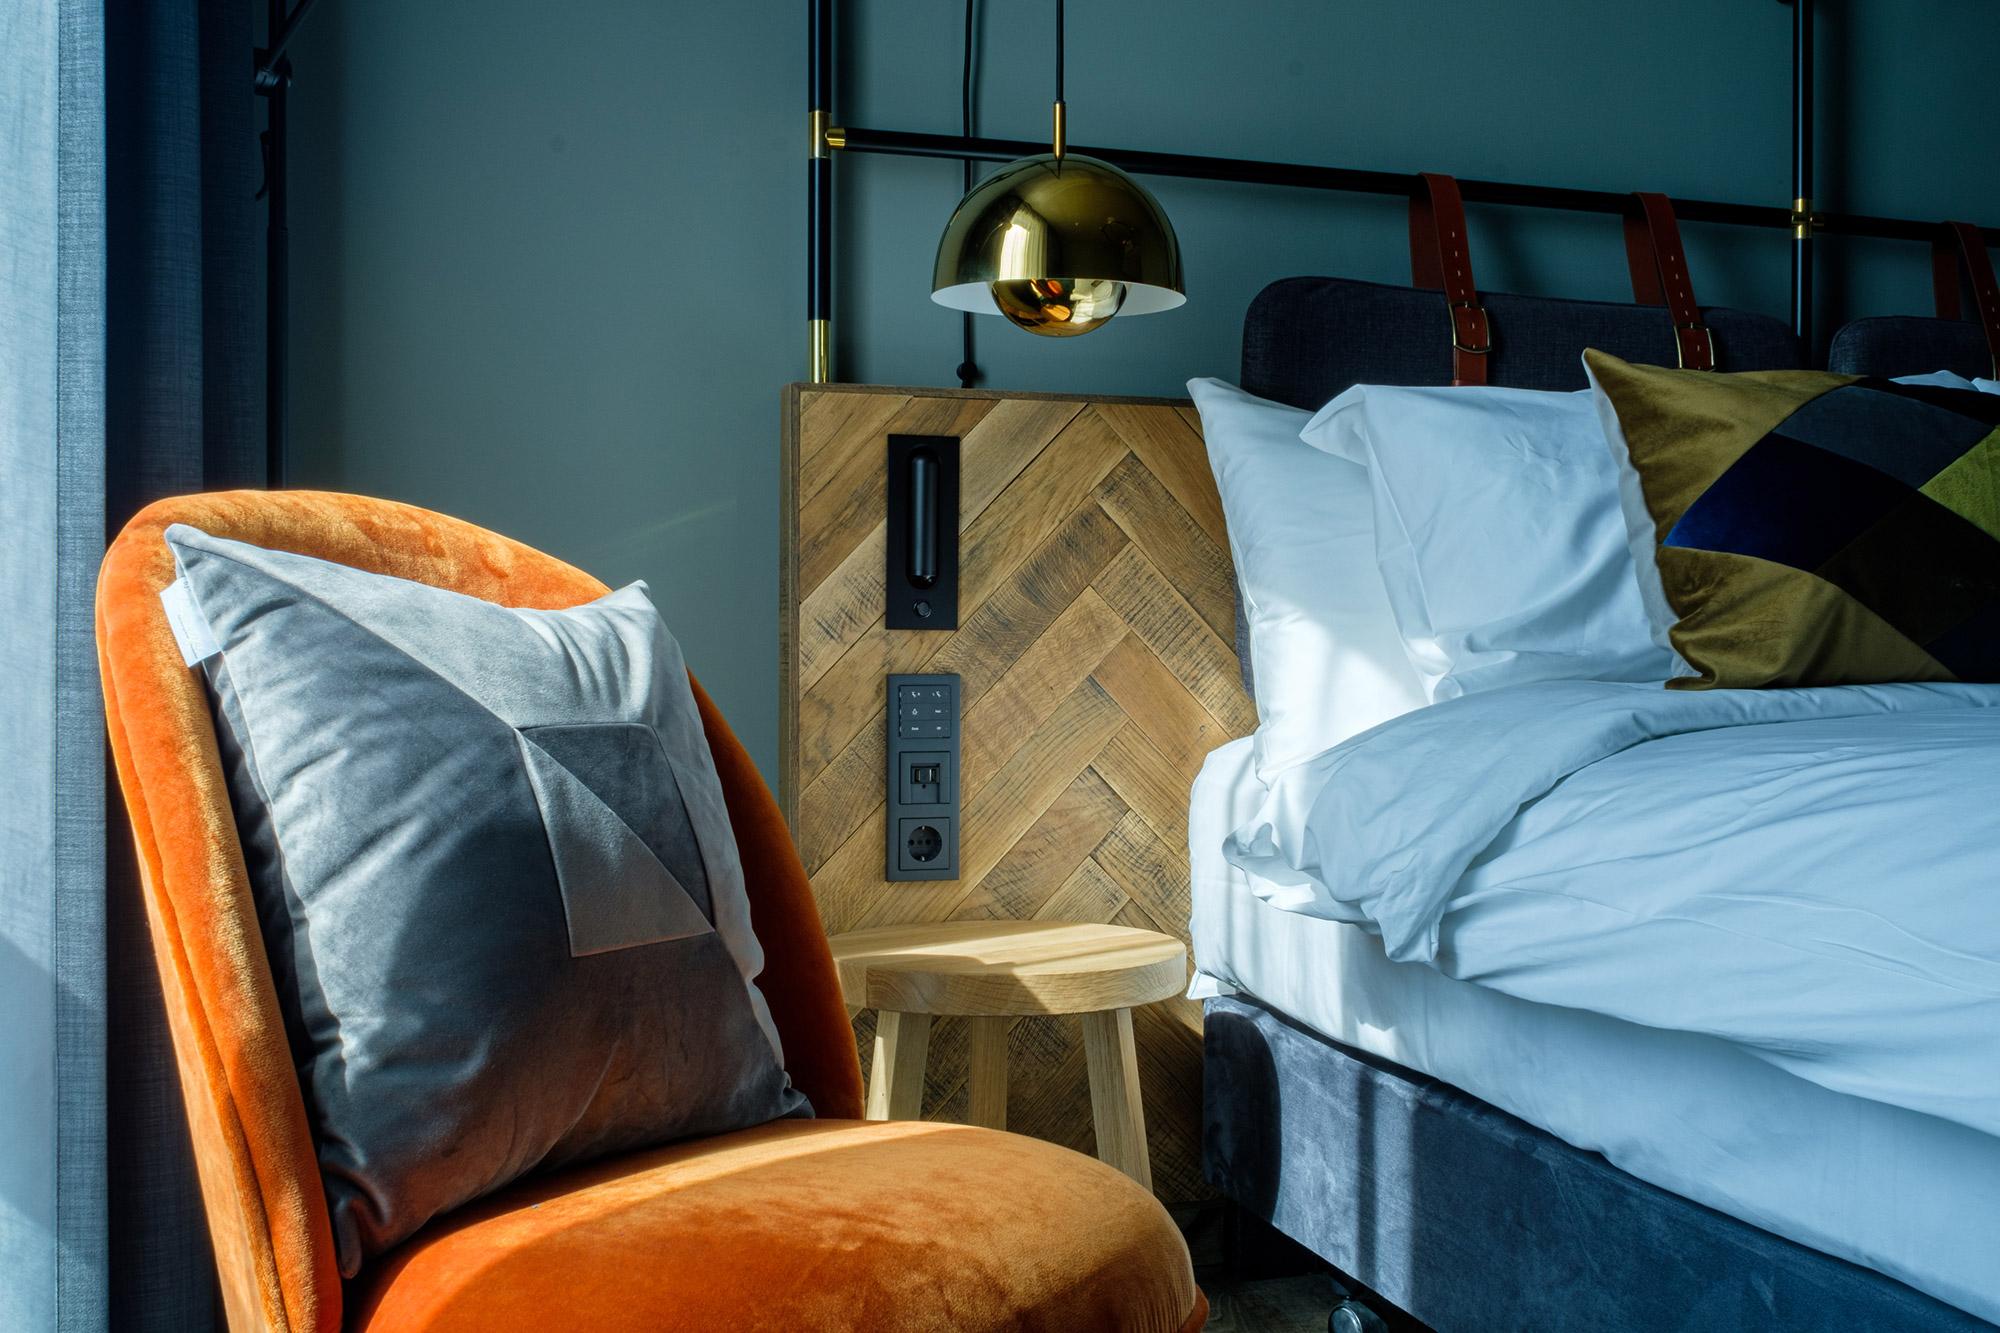 <p>Interieur hotelkamer. Foto: Valentijn Kortekaas</p>